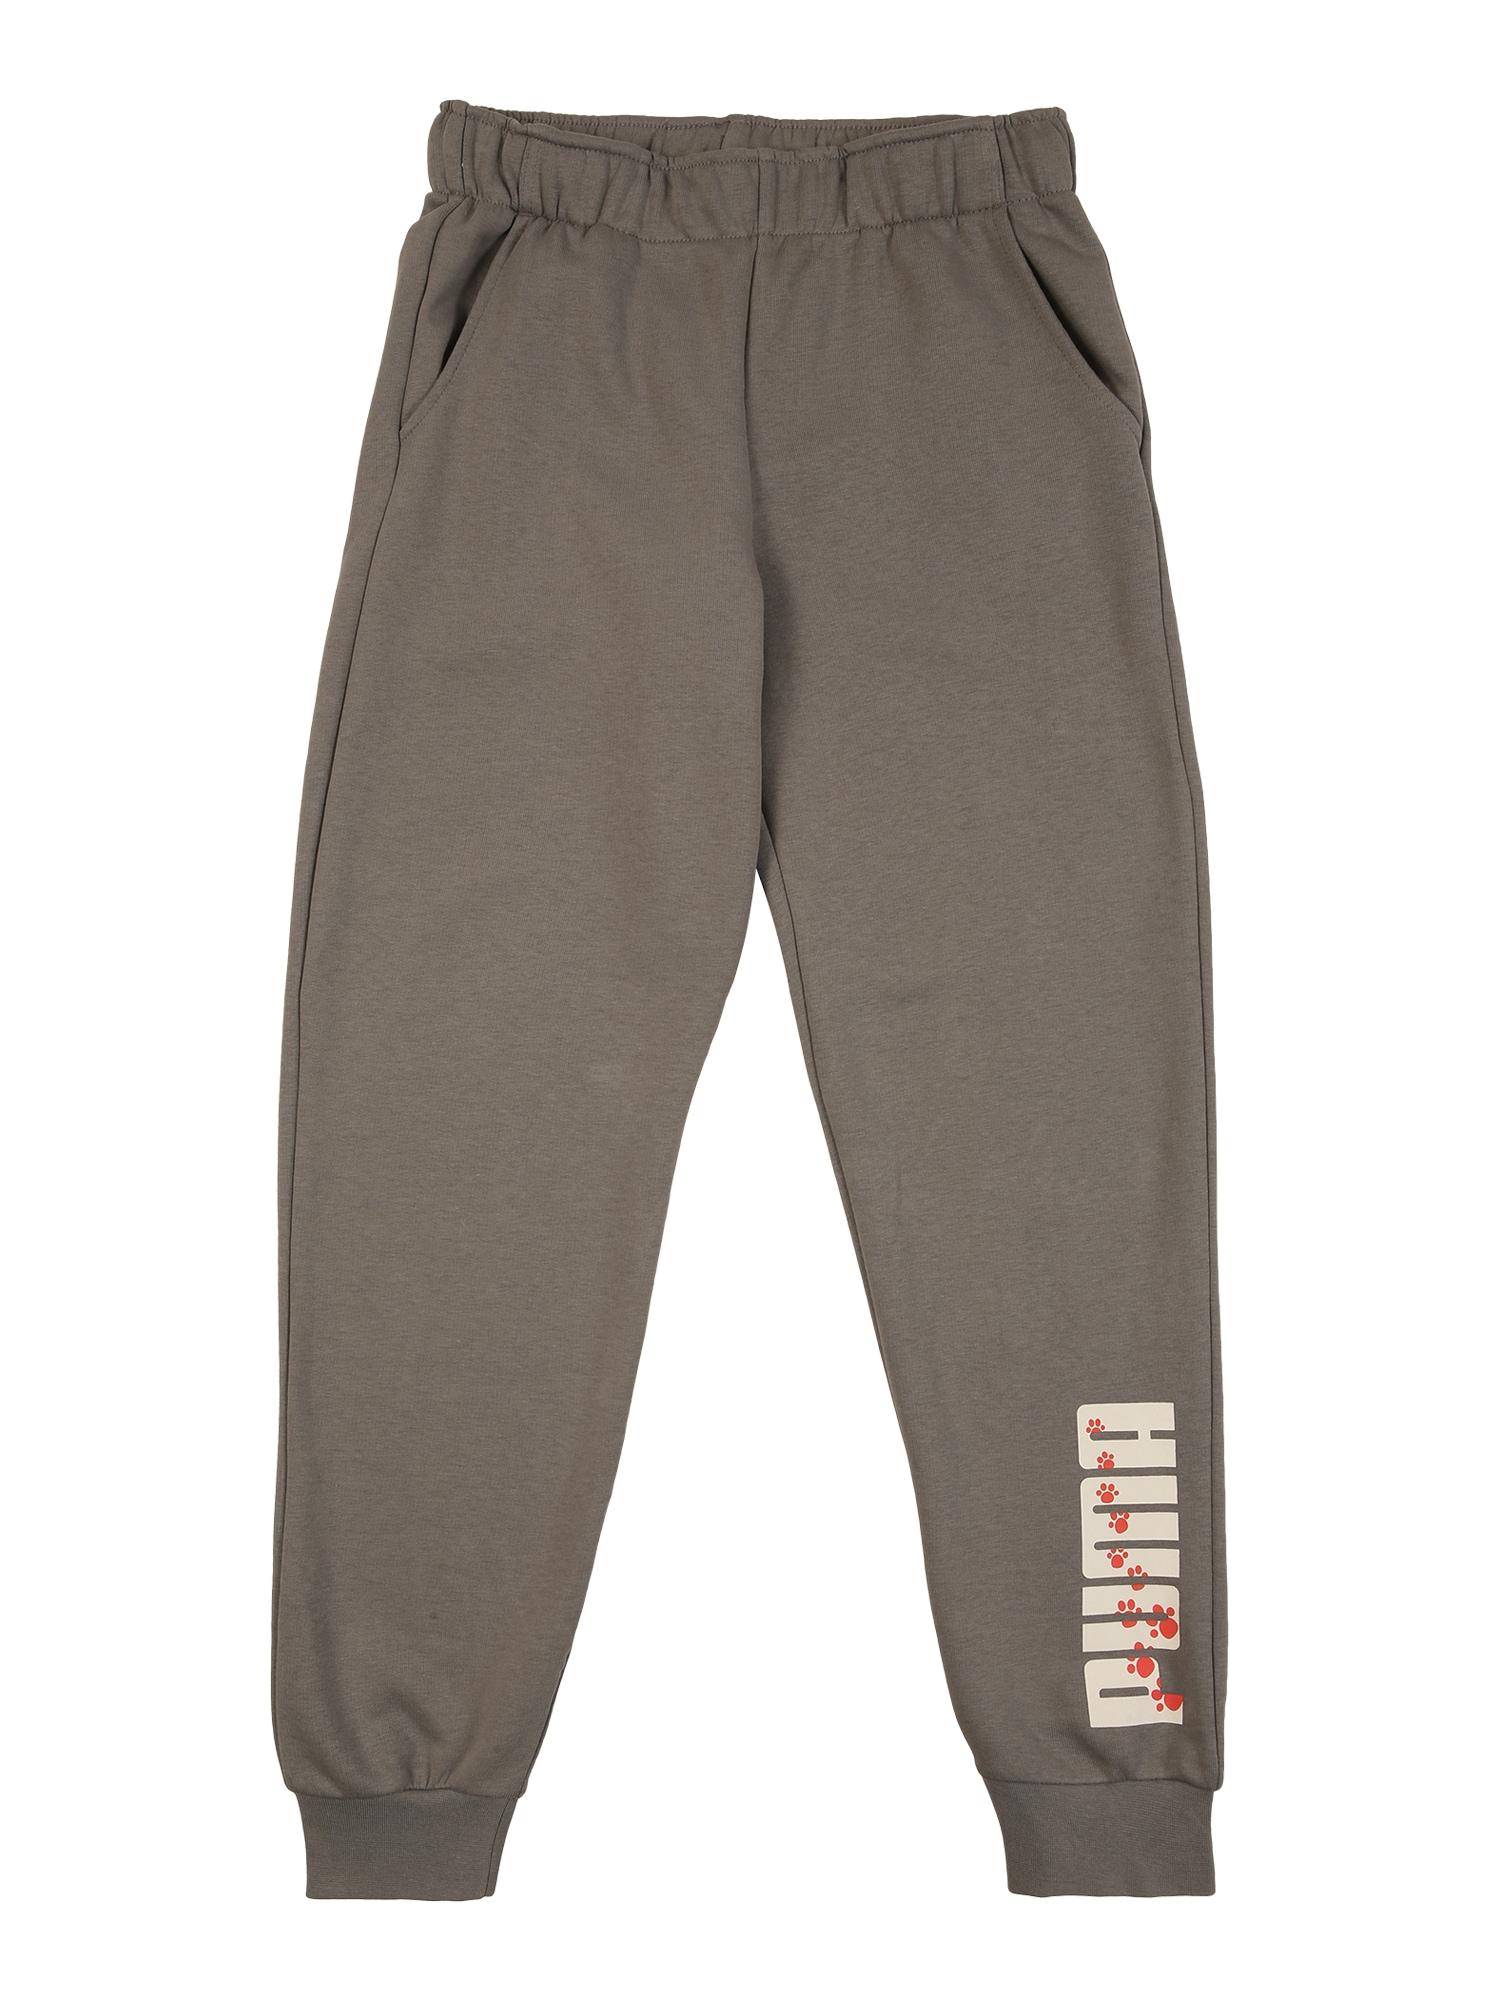 PUMA Sportinės kelnės rausvai pilka